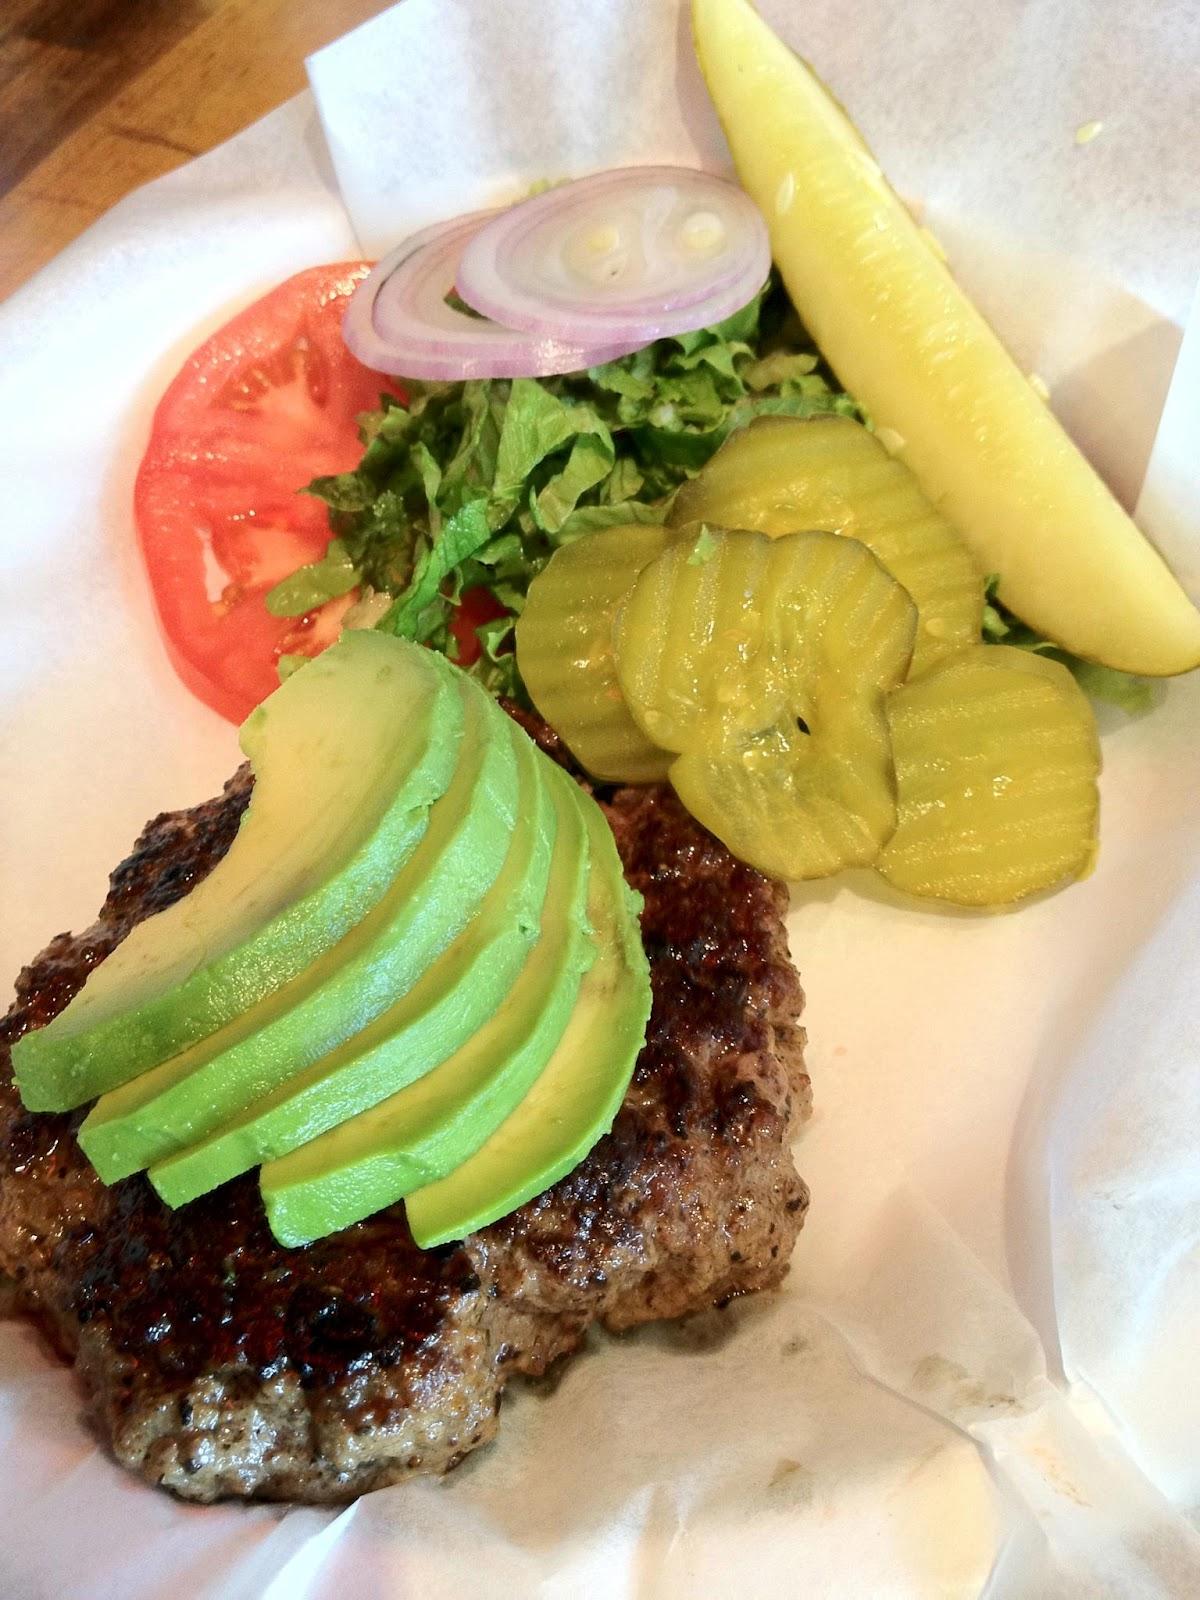 Paleo and Gluten Free Restaurants in Nashville TN